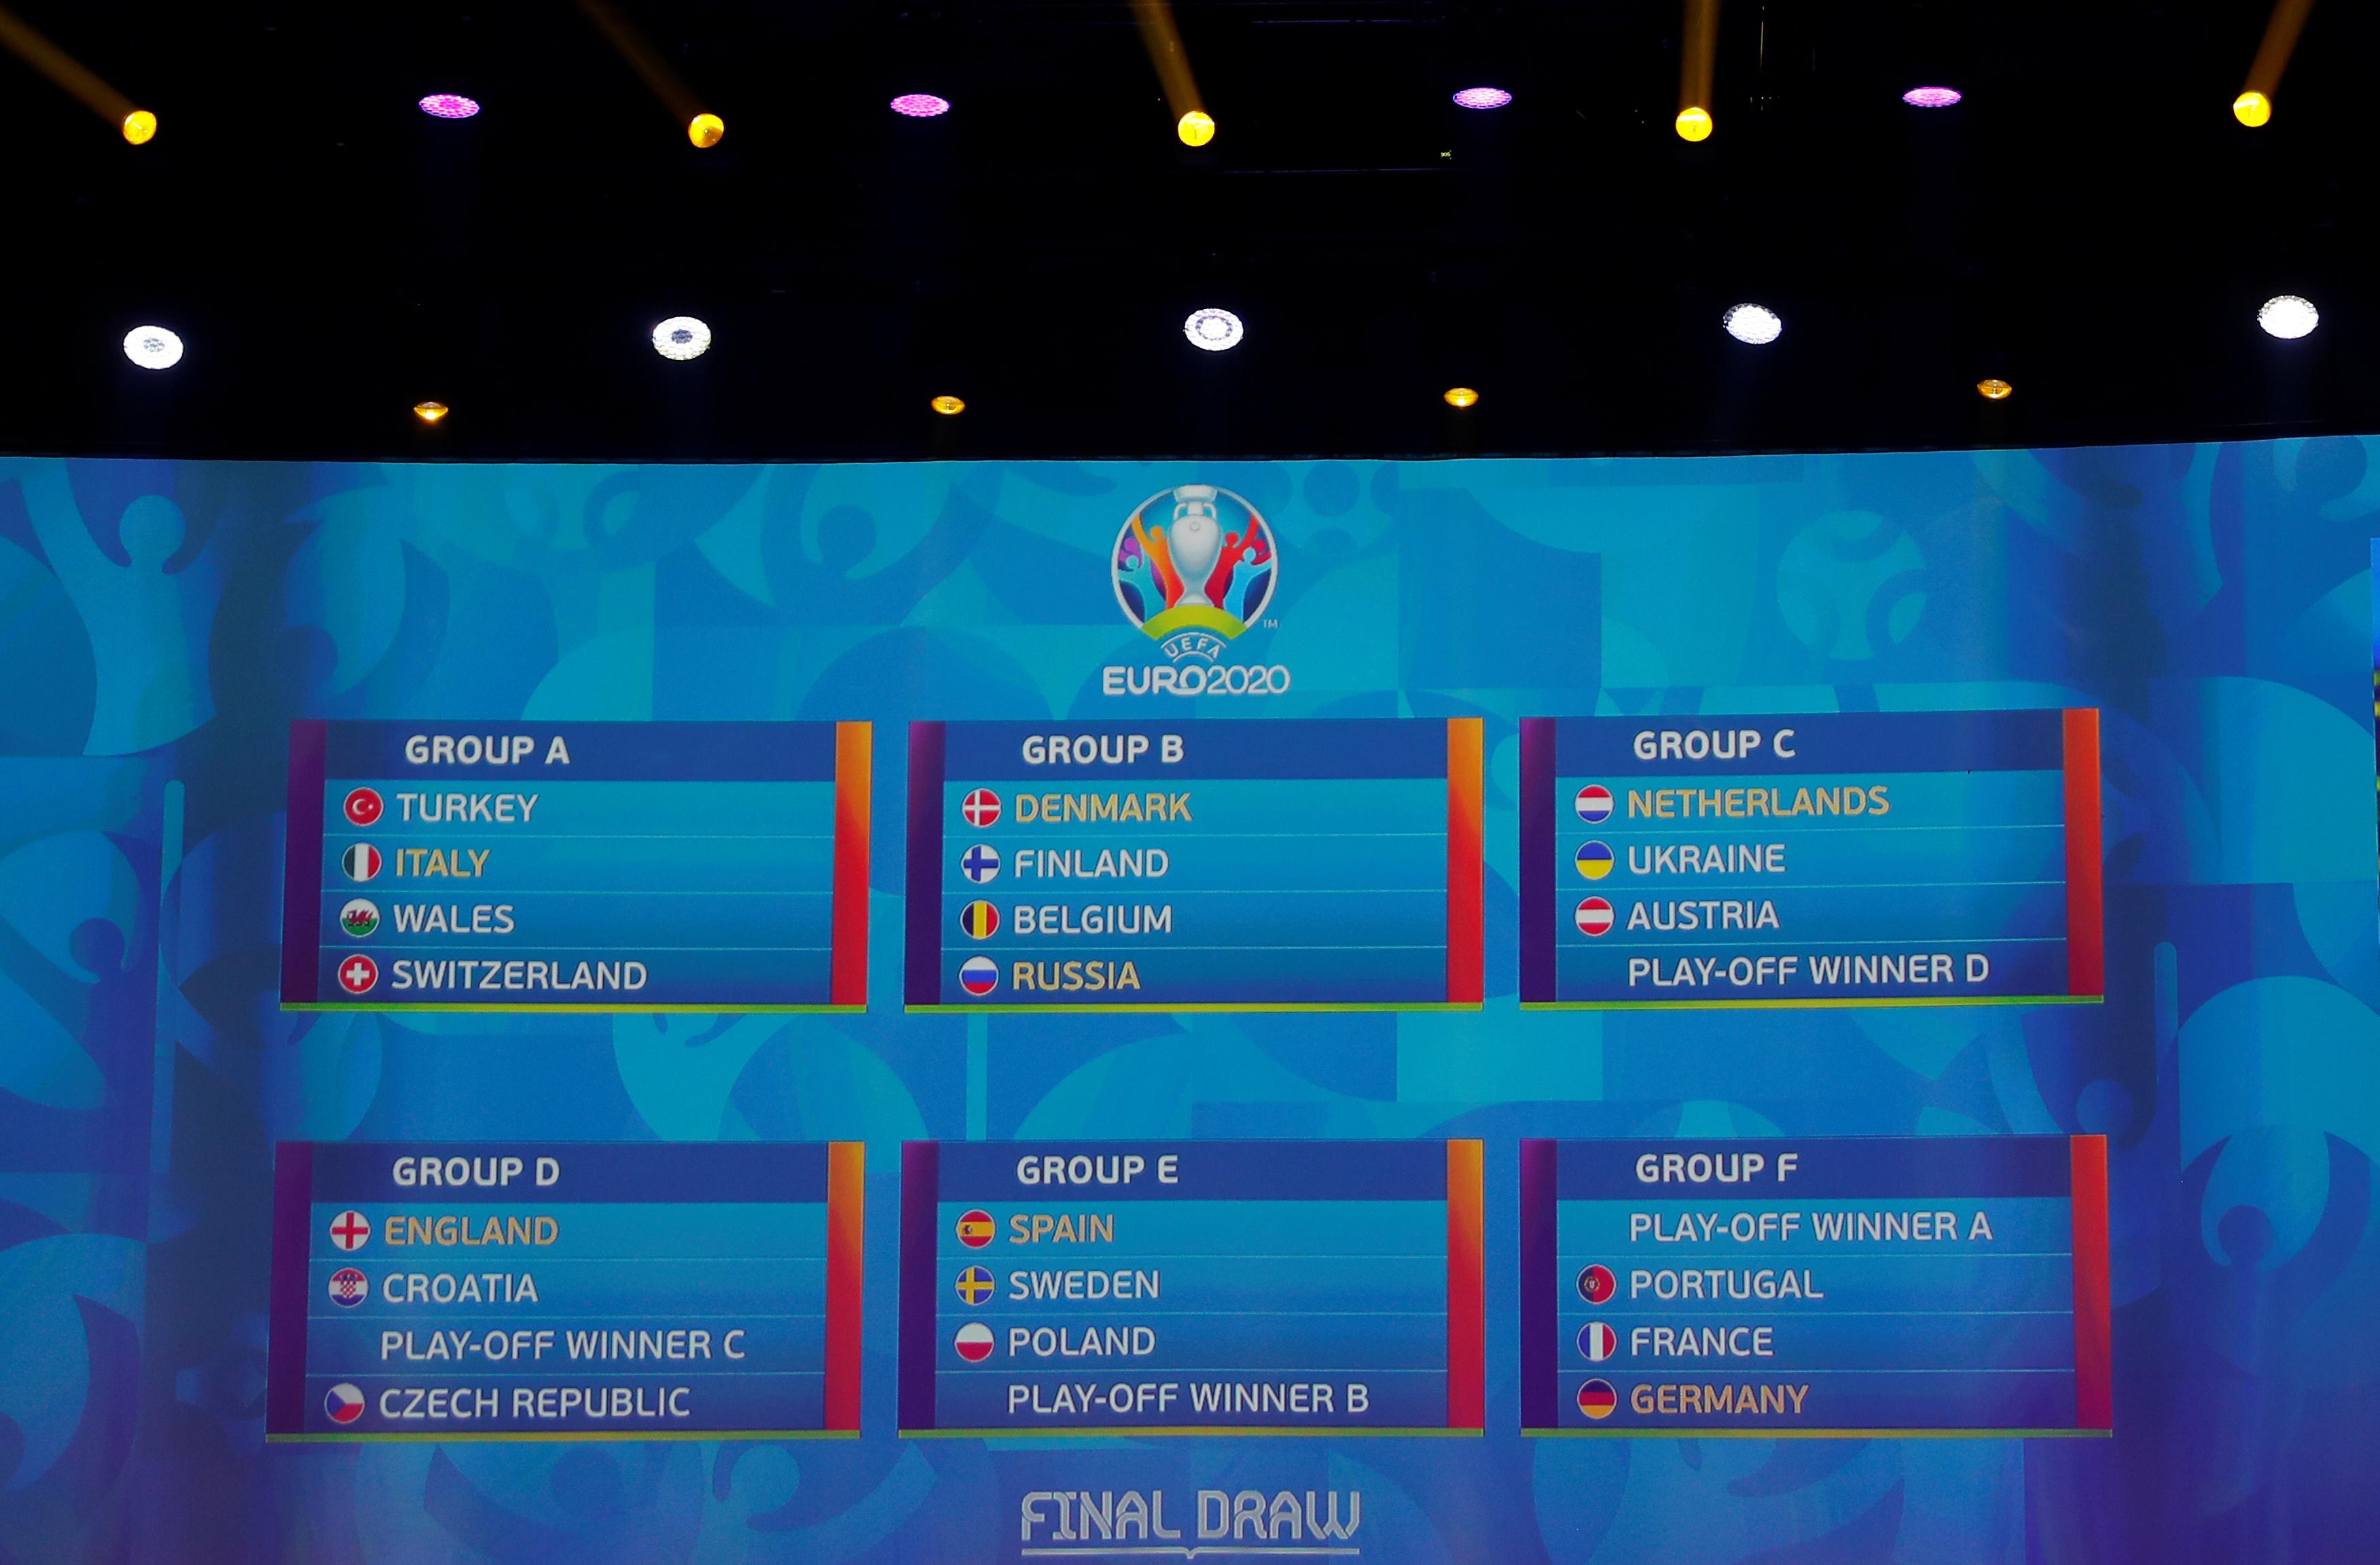 Euro 2020 Le Calendrier Complet Et Toutes Les Infos Euro